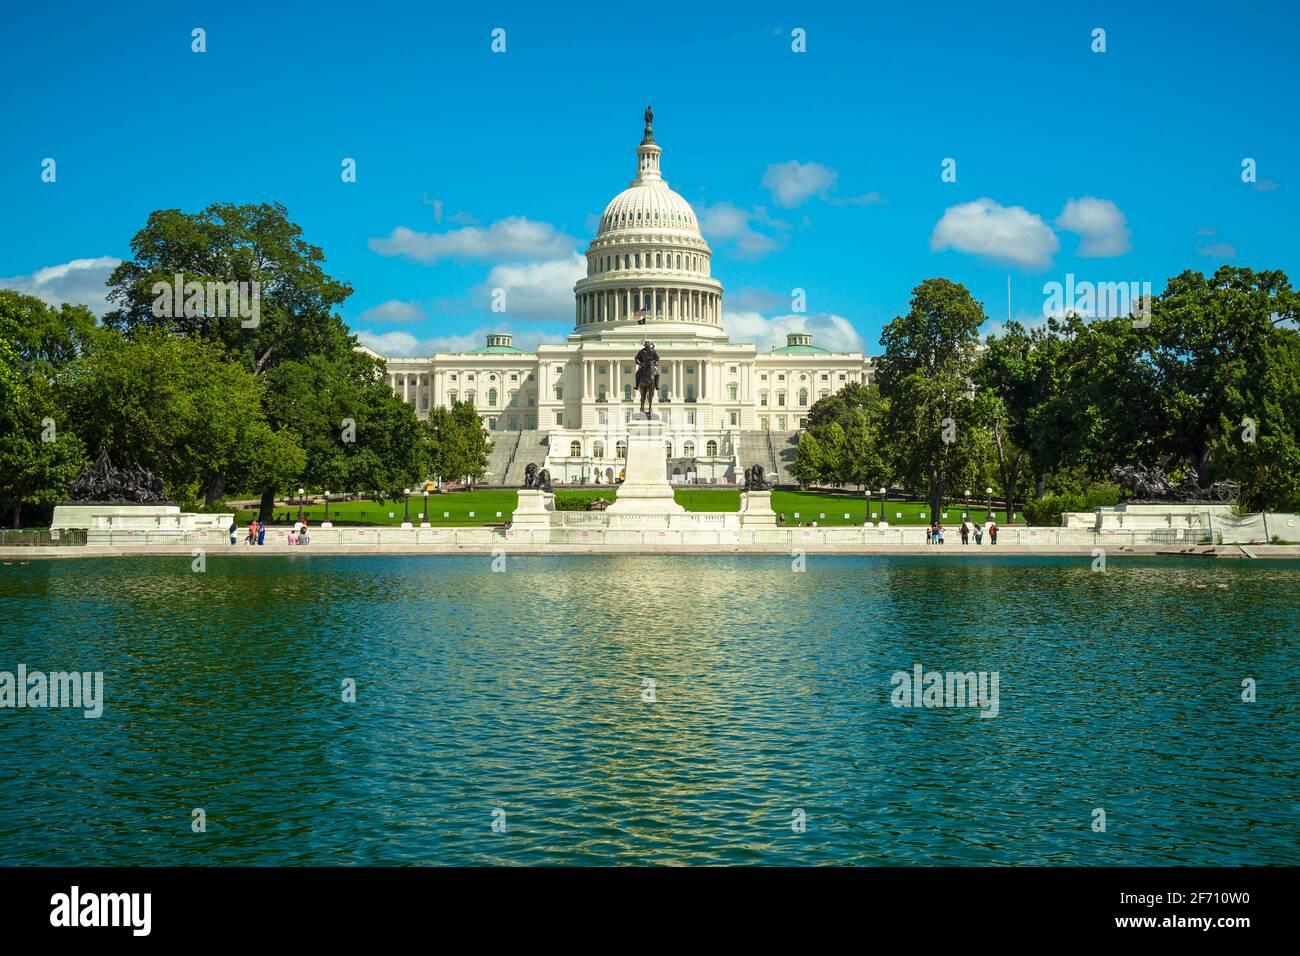 Le bâtiment du Capitole des États-Unis et les arbres se reflètent dans la piscine du Capitole lors d'une journée d'été ensoleillée à Washington, D.C. Banque D'Images